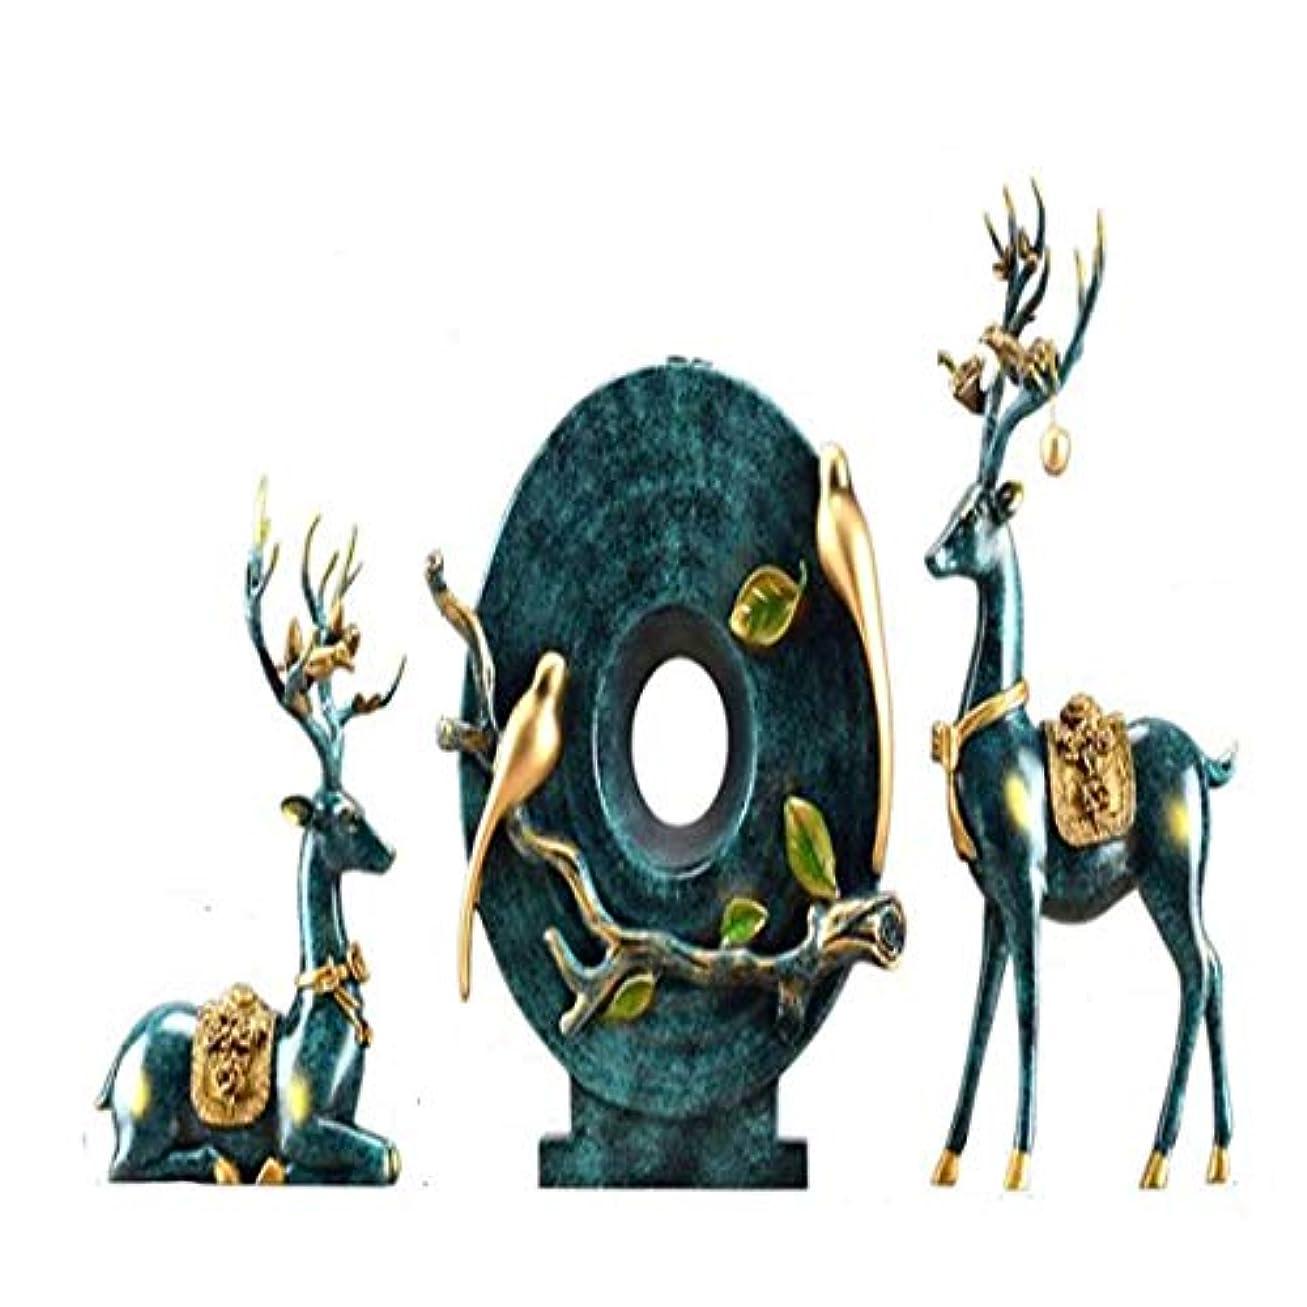 護衛忍耐隠Yougou01 クリエイティブアメリカン鹿の装飾品花瓶リビングルーム新しい家の結婚式のギフトワインキャビネットテレビキャビネットホームソフト装飾家具 、創造的な装飾 (Color : A)